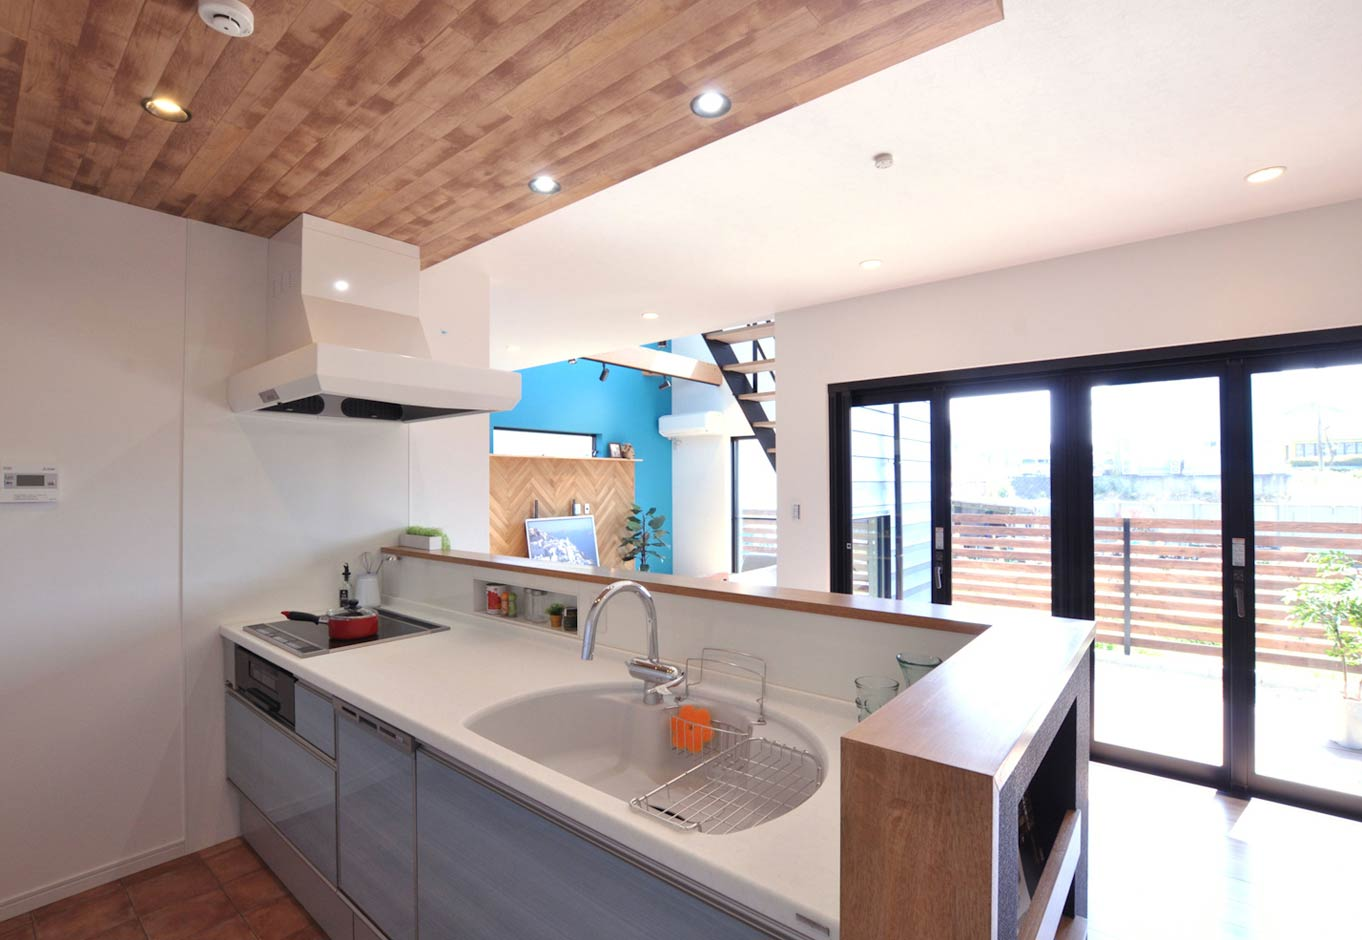 Asobi-創家(アソビスミカ)/ナカジツ【デザイン住宅、趣味、間取り】LDKとウッドデッキをつなぐ窓は、折れ戸式のフルオープンサッシを採用。キッチンから遠くまで目線が抜けて開放感抜群。天井は木目調のクロス